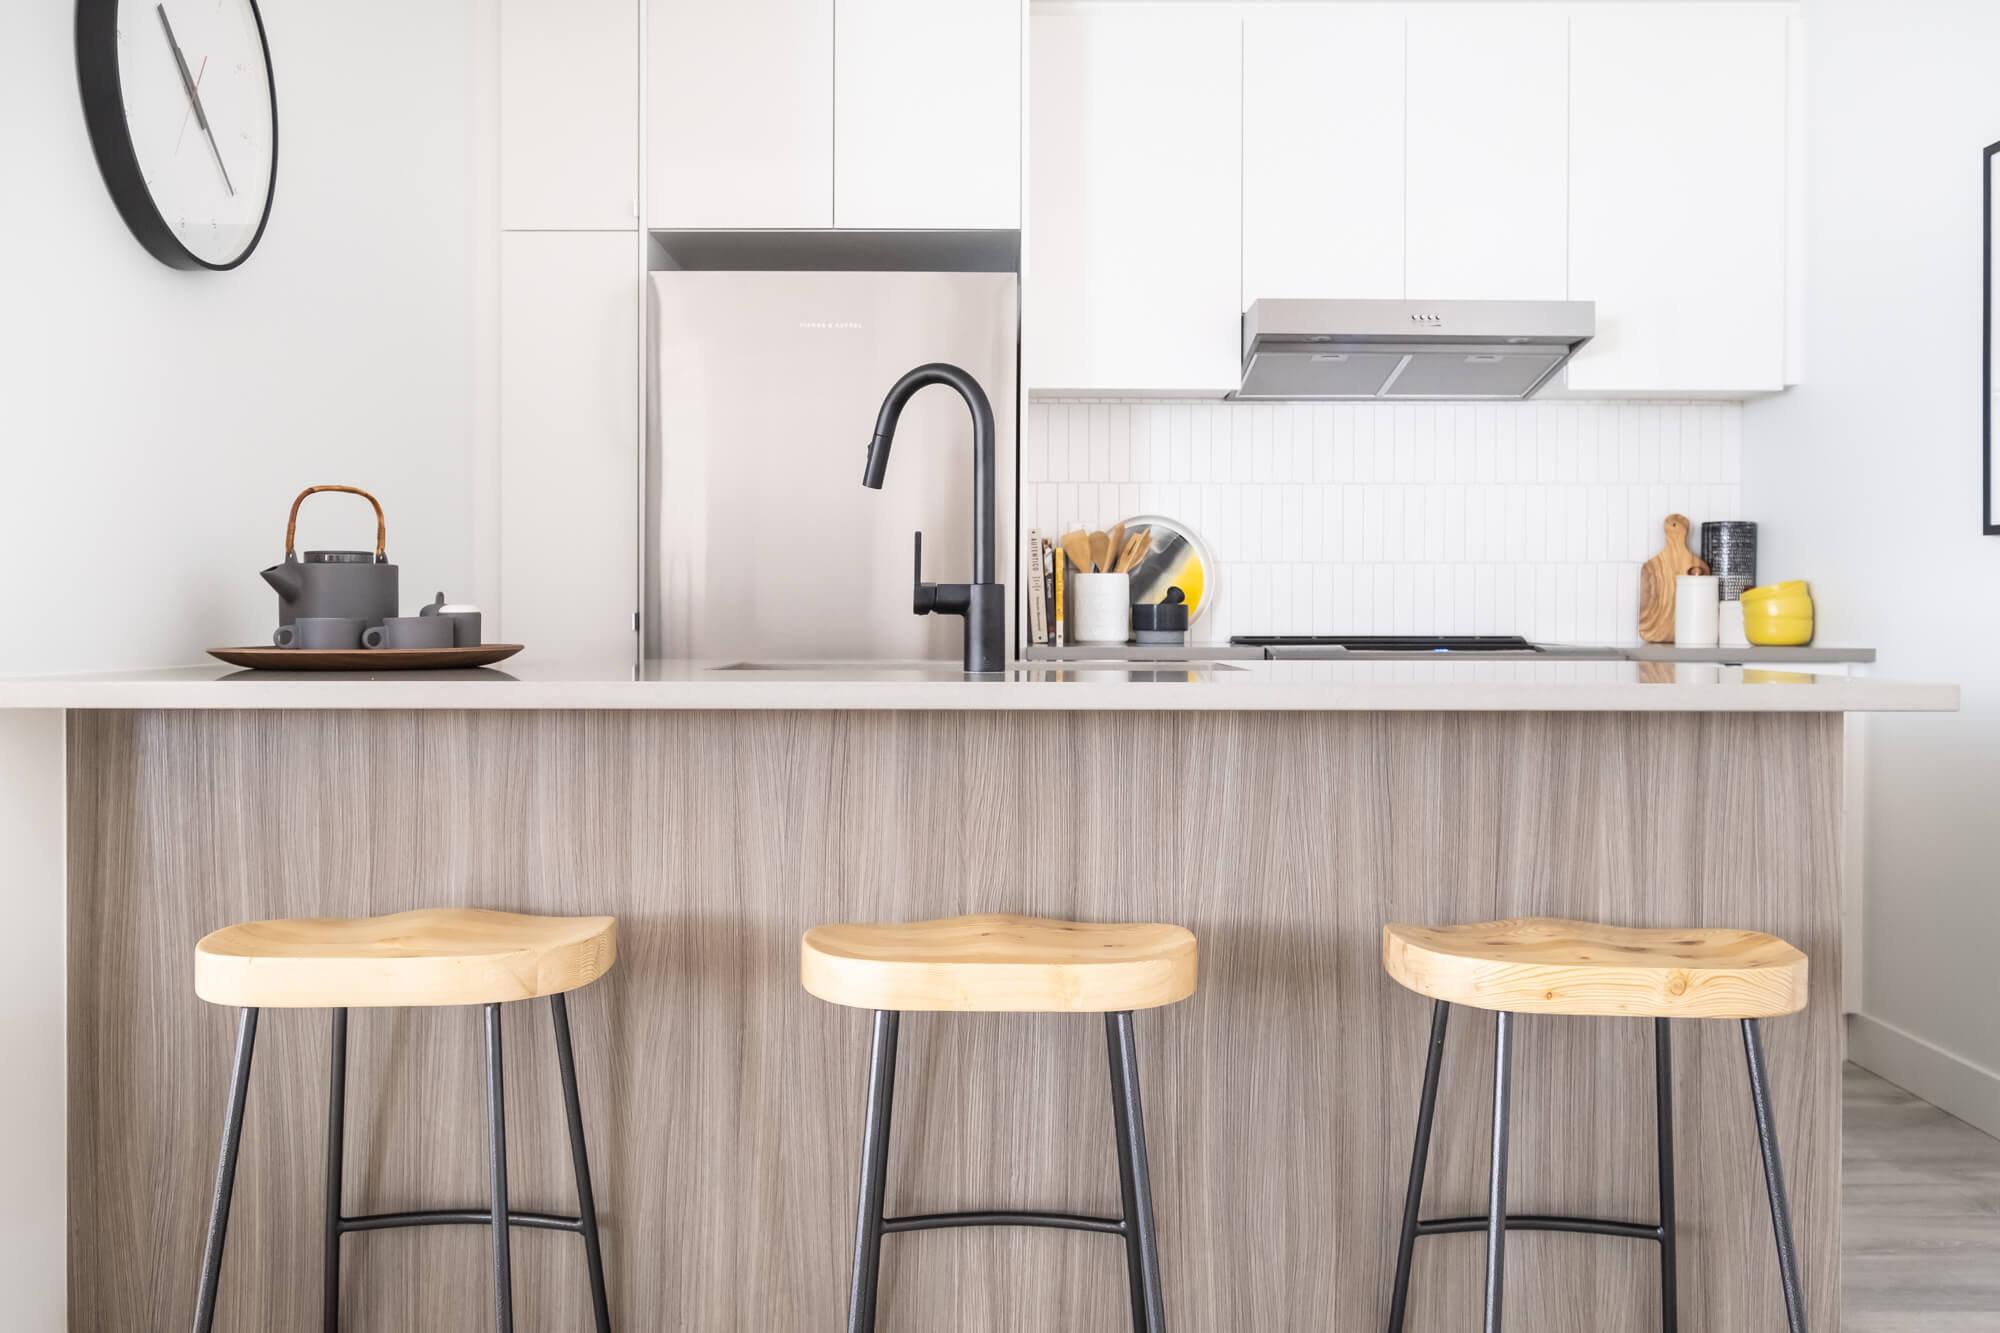 Kitchen - 2814 Gladwin Rd, Abbotsford, BC V2T 4S8, Canada!